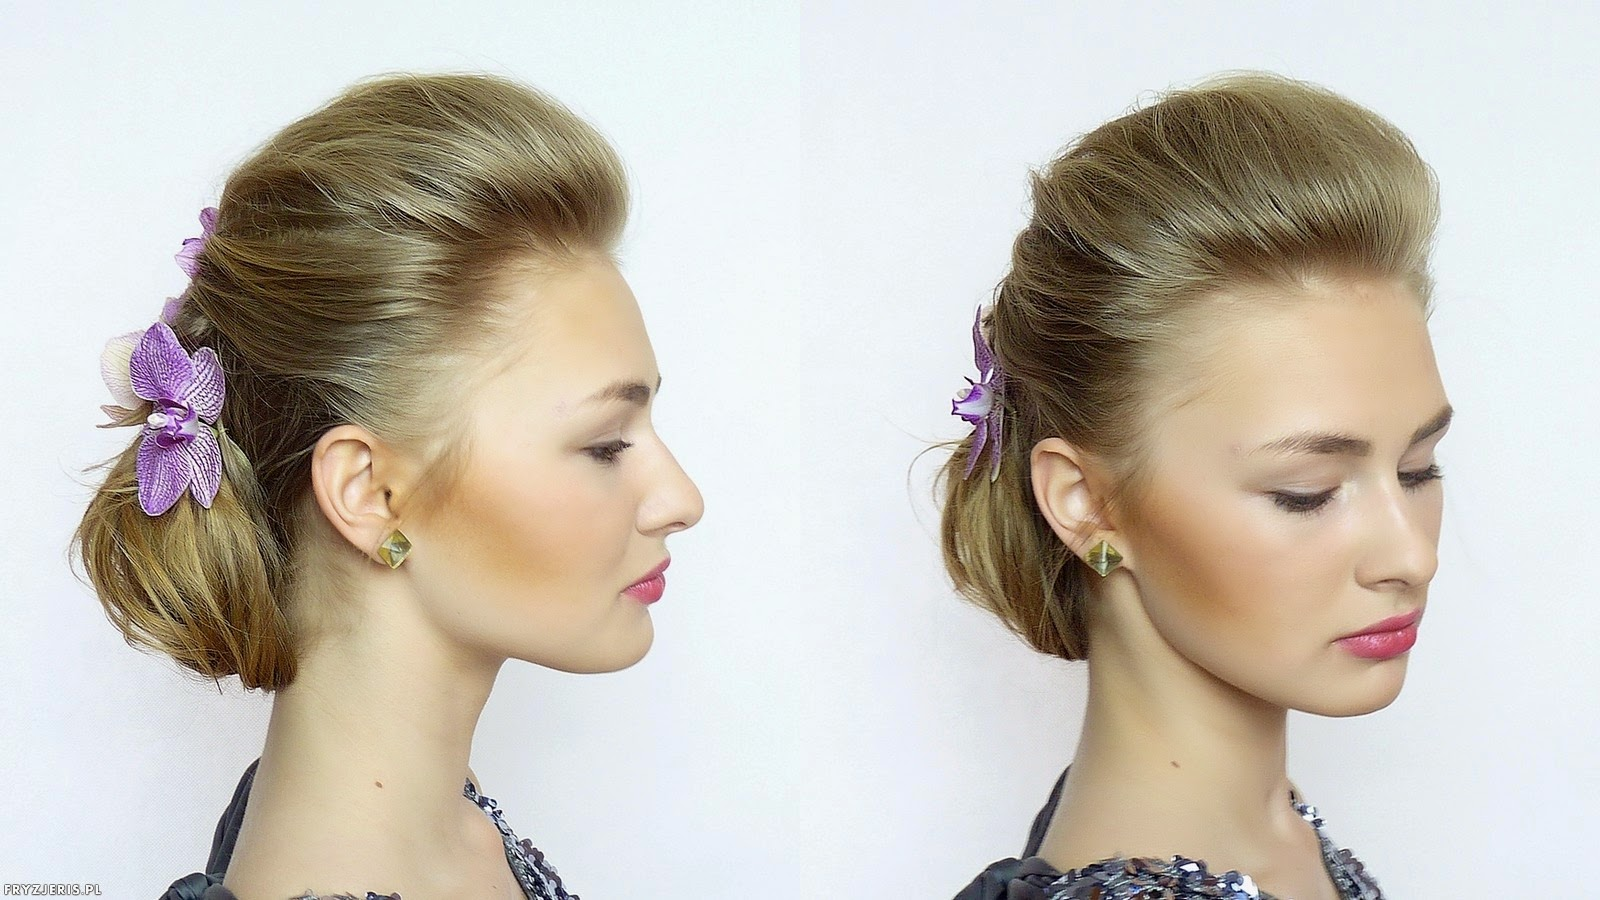 Fryzura ślubna Upięcie Odsłaniające Twarz Blog O Włosach